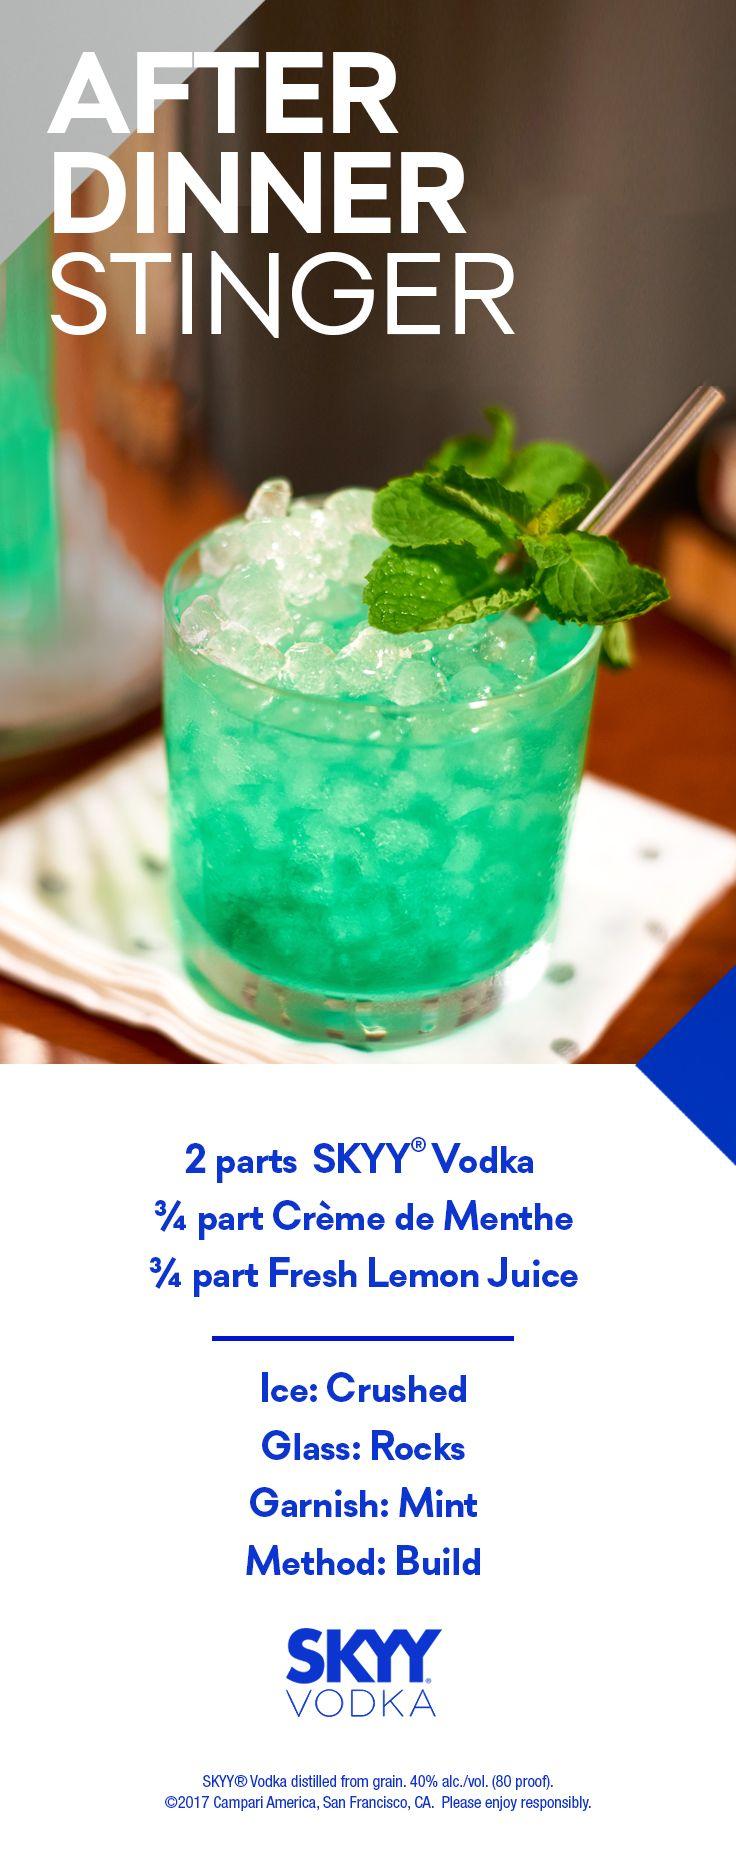 After Dinner Stinger  2 750 ml SKYY Vodka 0.75 750 ml Crème de Menthe 0.75 750 ml Lemon Juice Serving: 28 3 oz glasses Glass: Rocks Ice: Crushed Ice Garnish: Mint Garnish Method: Build in glass